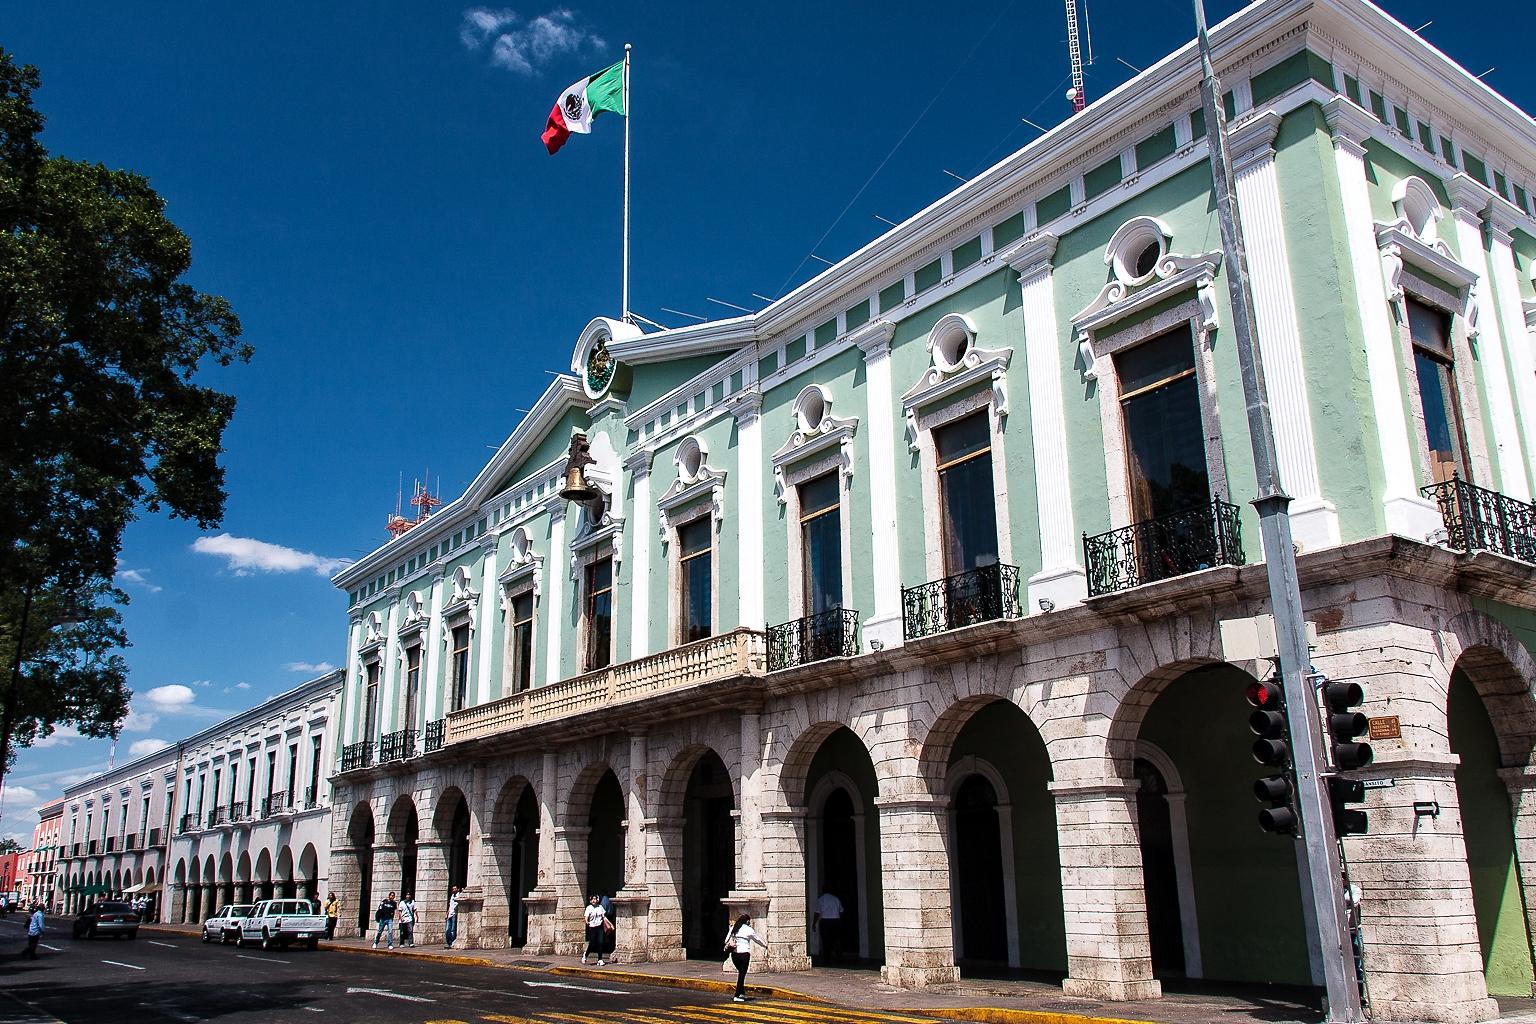 Museo de Arte Contemporáneo Arteneo de Yucatan